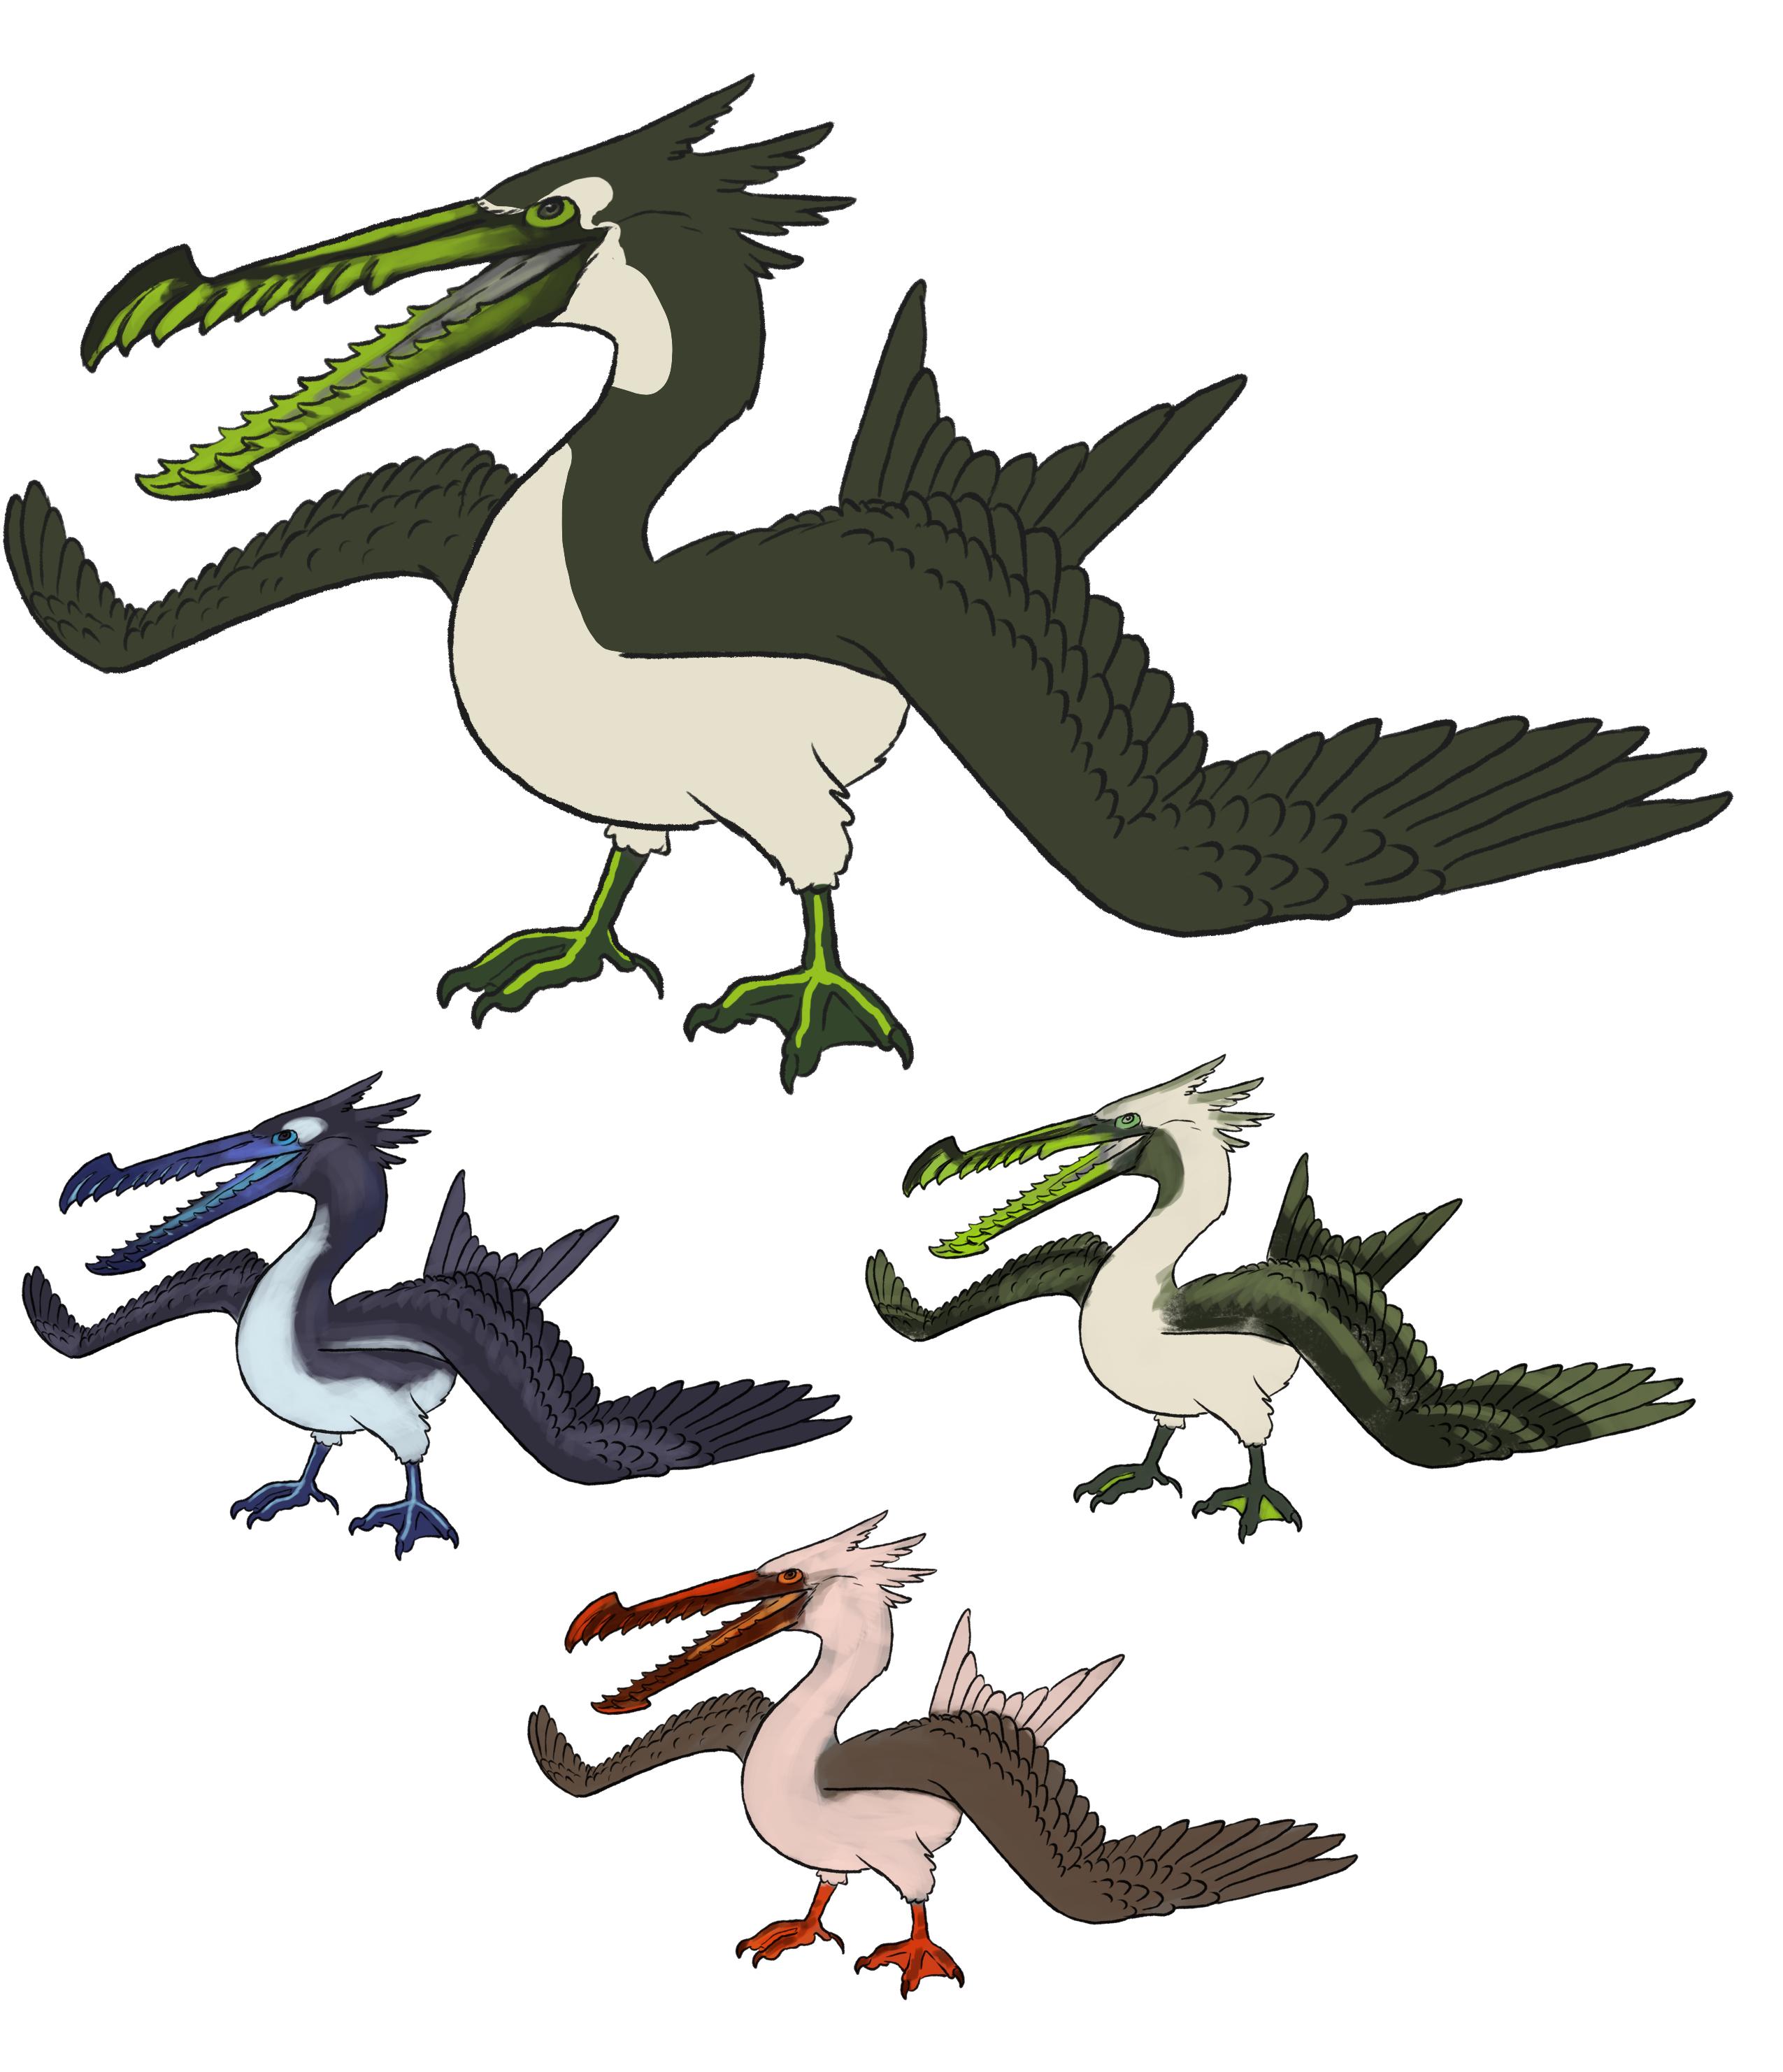 Pelaccipiter Seabird Creature